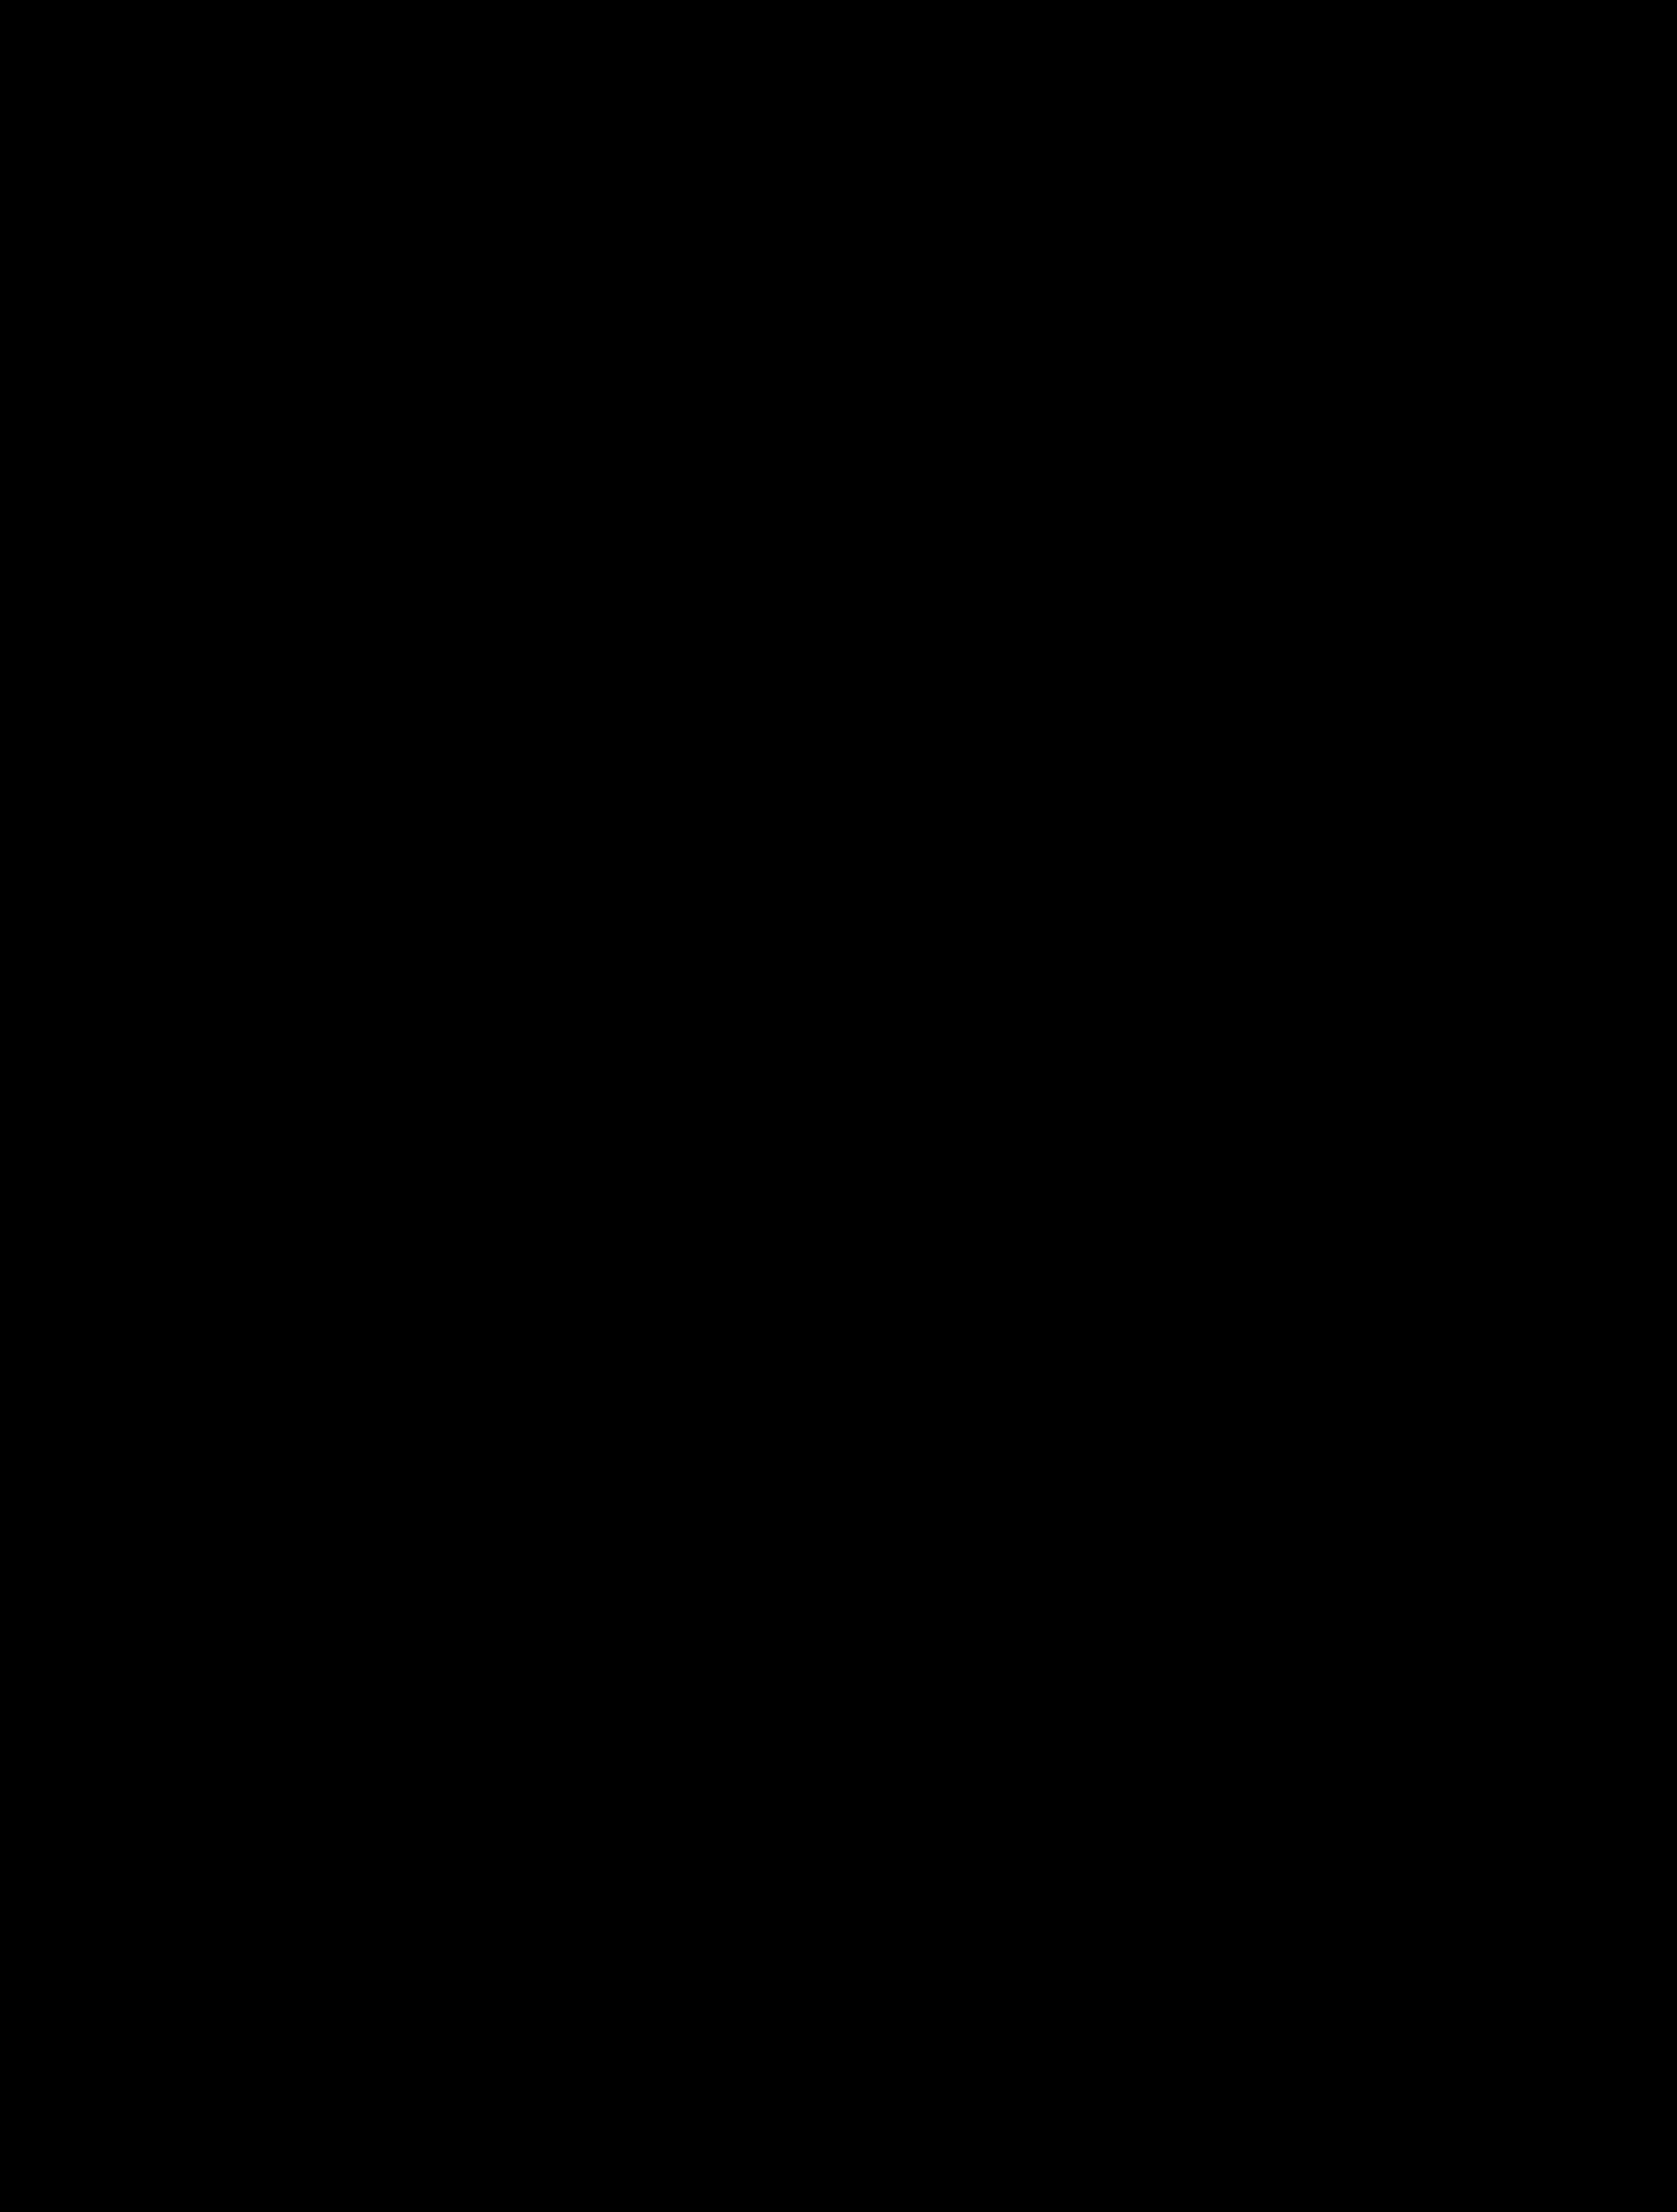 dengi